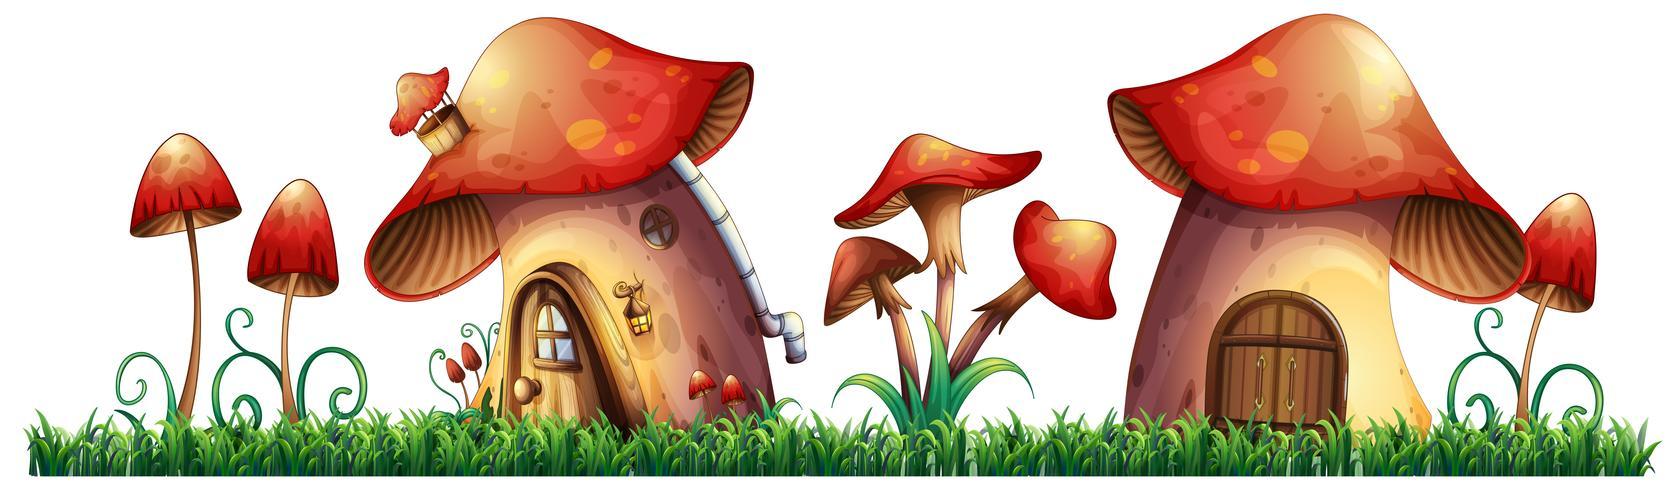 Case di funghi in giardino vettore